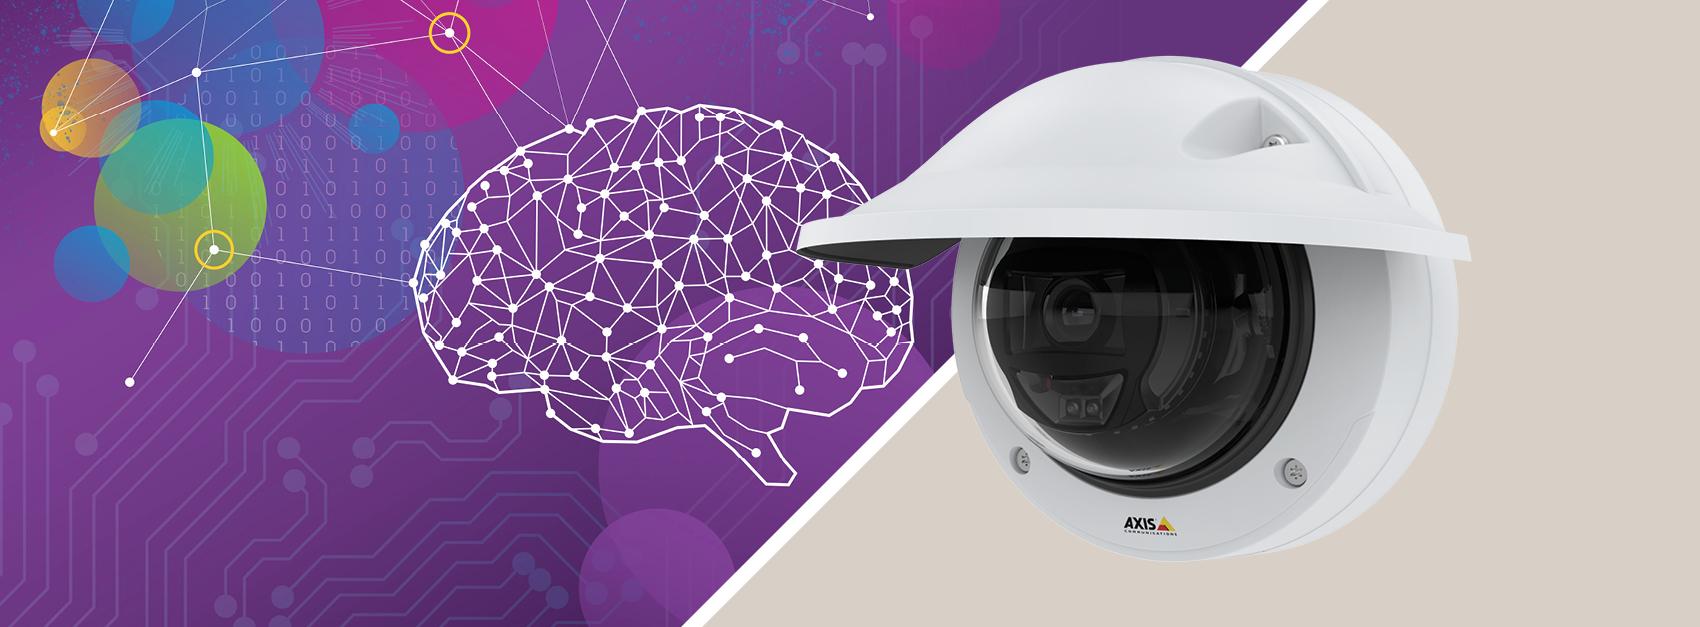 Axis Communications представляет камеру AXIS P3255-LVE с поддержкой искусственного интеллекта